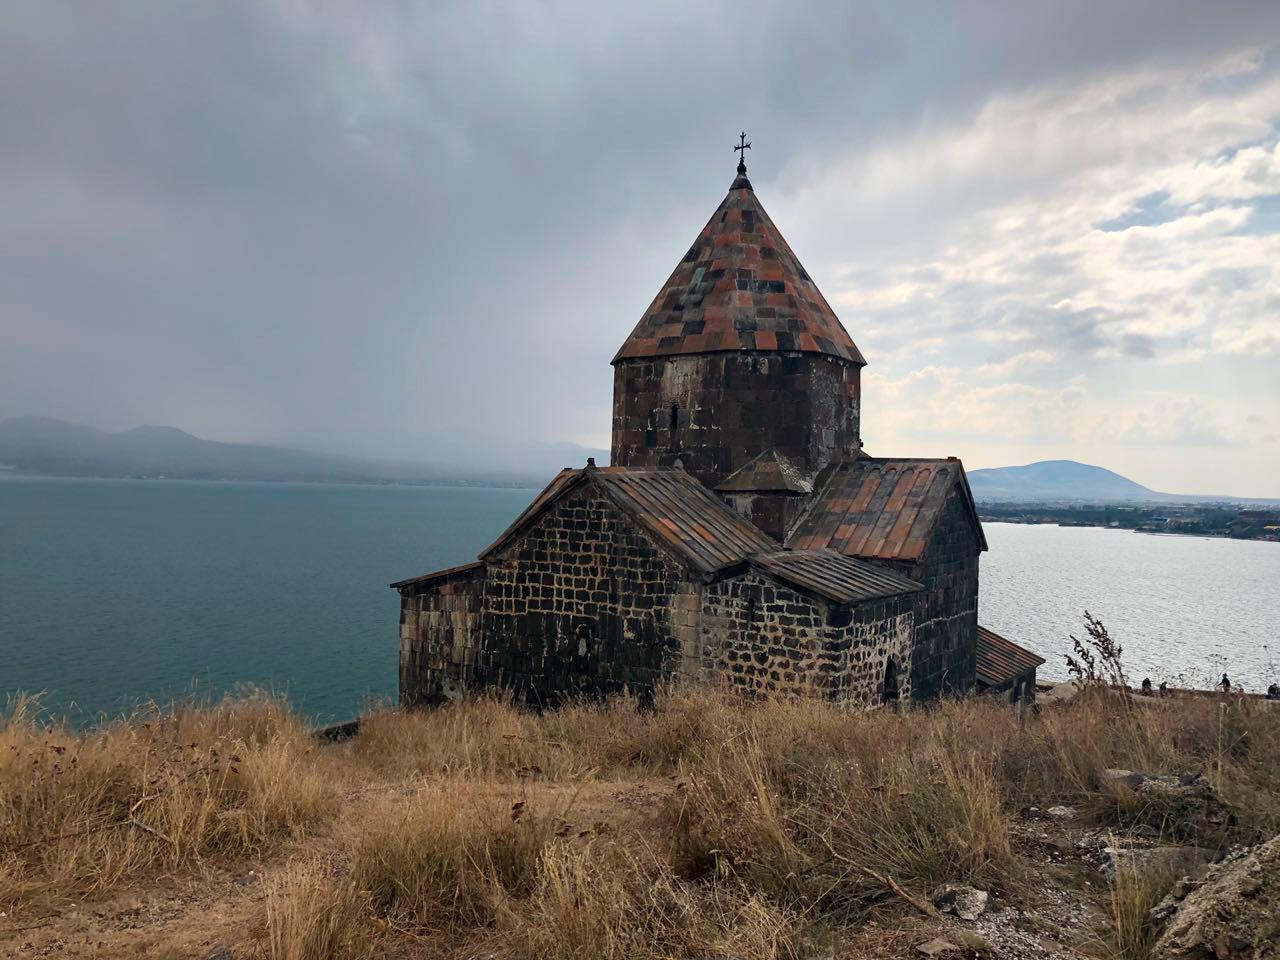 6) Monasterio Sevanavank, 2018 © Agustina Poggione  o monasterio de los Santos Apóstoles de Sevan es un monasterio armenio situado en una península del lago Sevan en el marz de Geghark'unik'